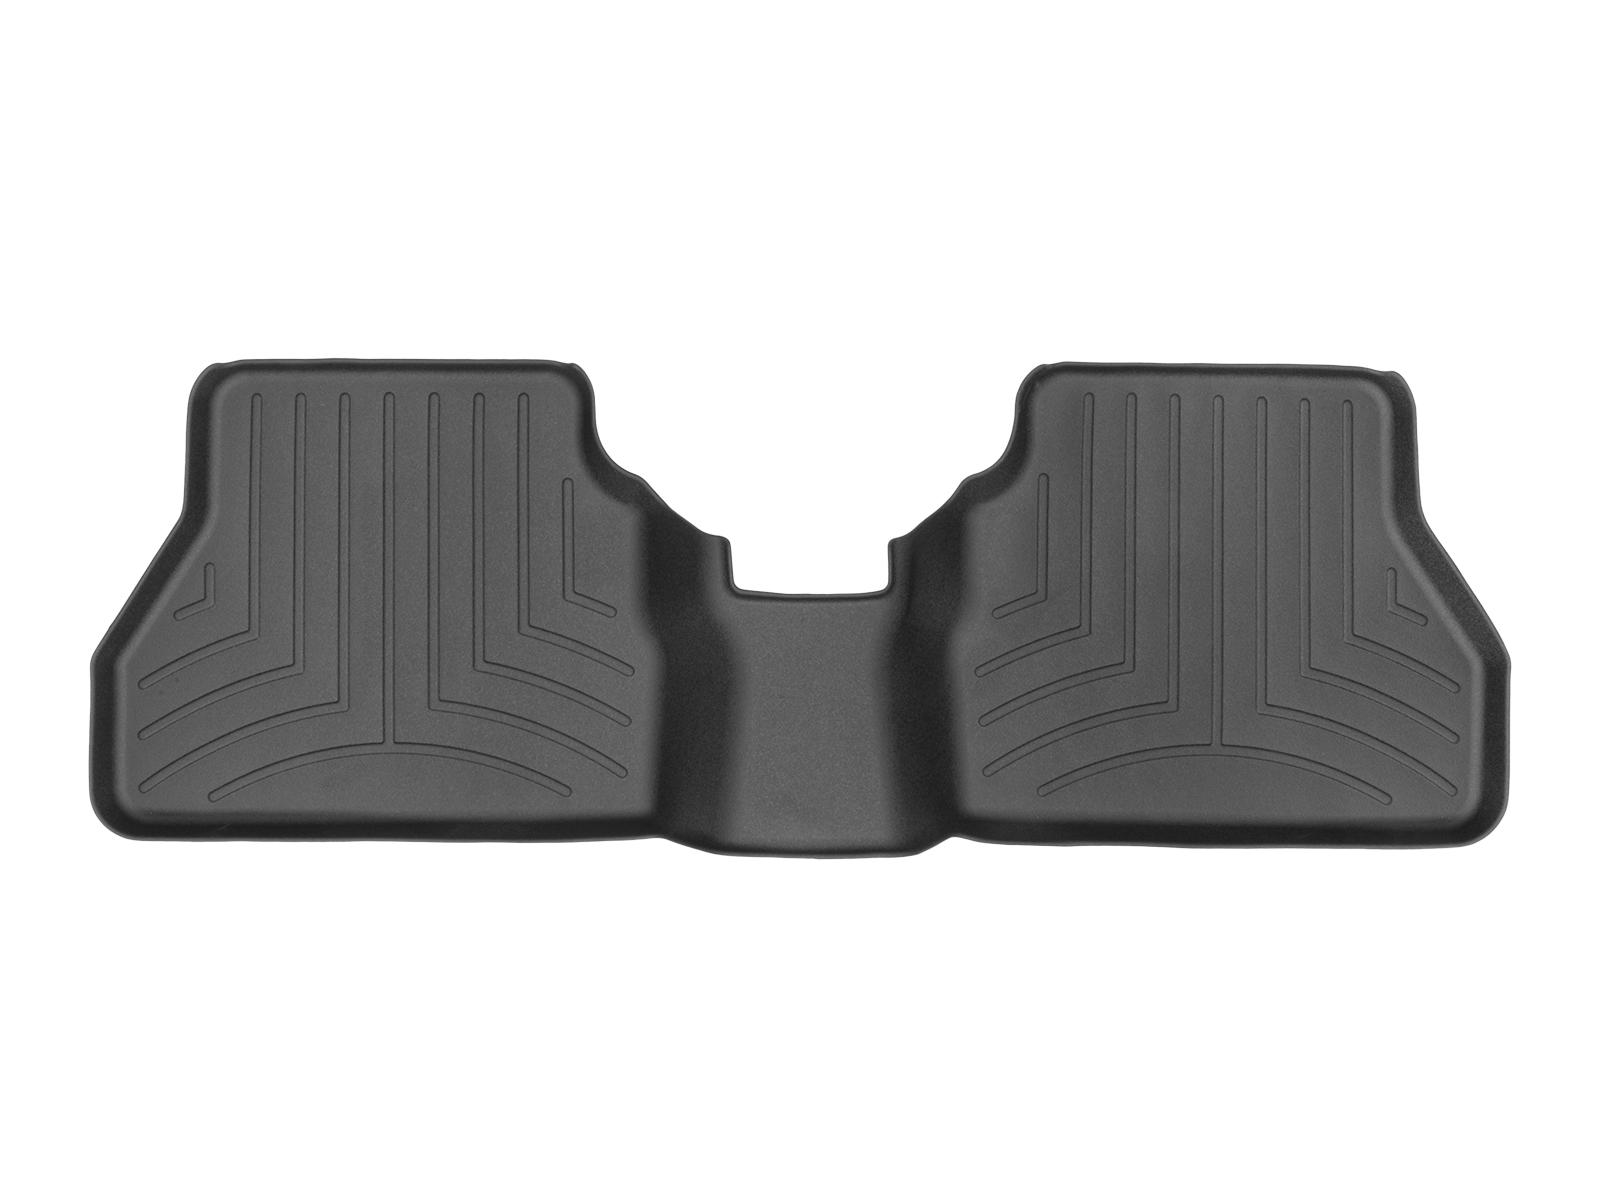 Tappeti gomma su misura bordo alto Ford B-Max 12>15 Nero A837*